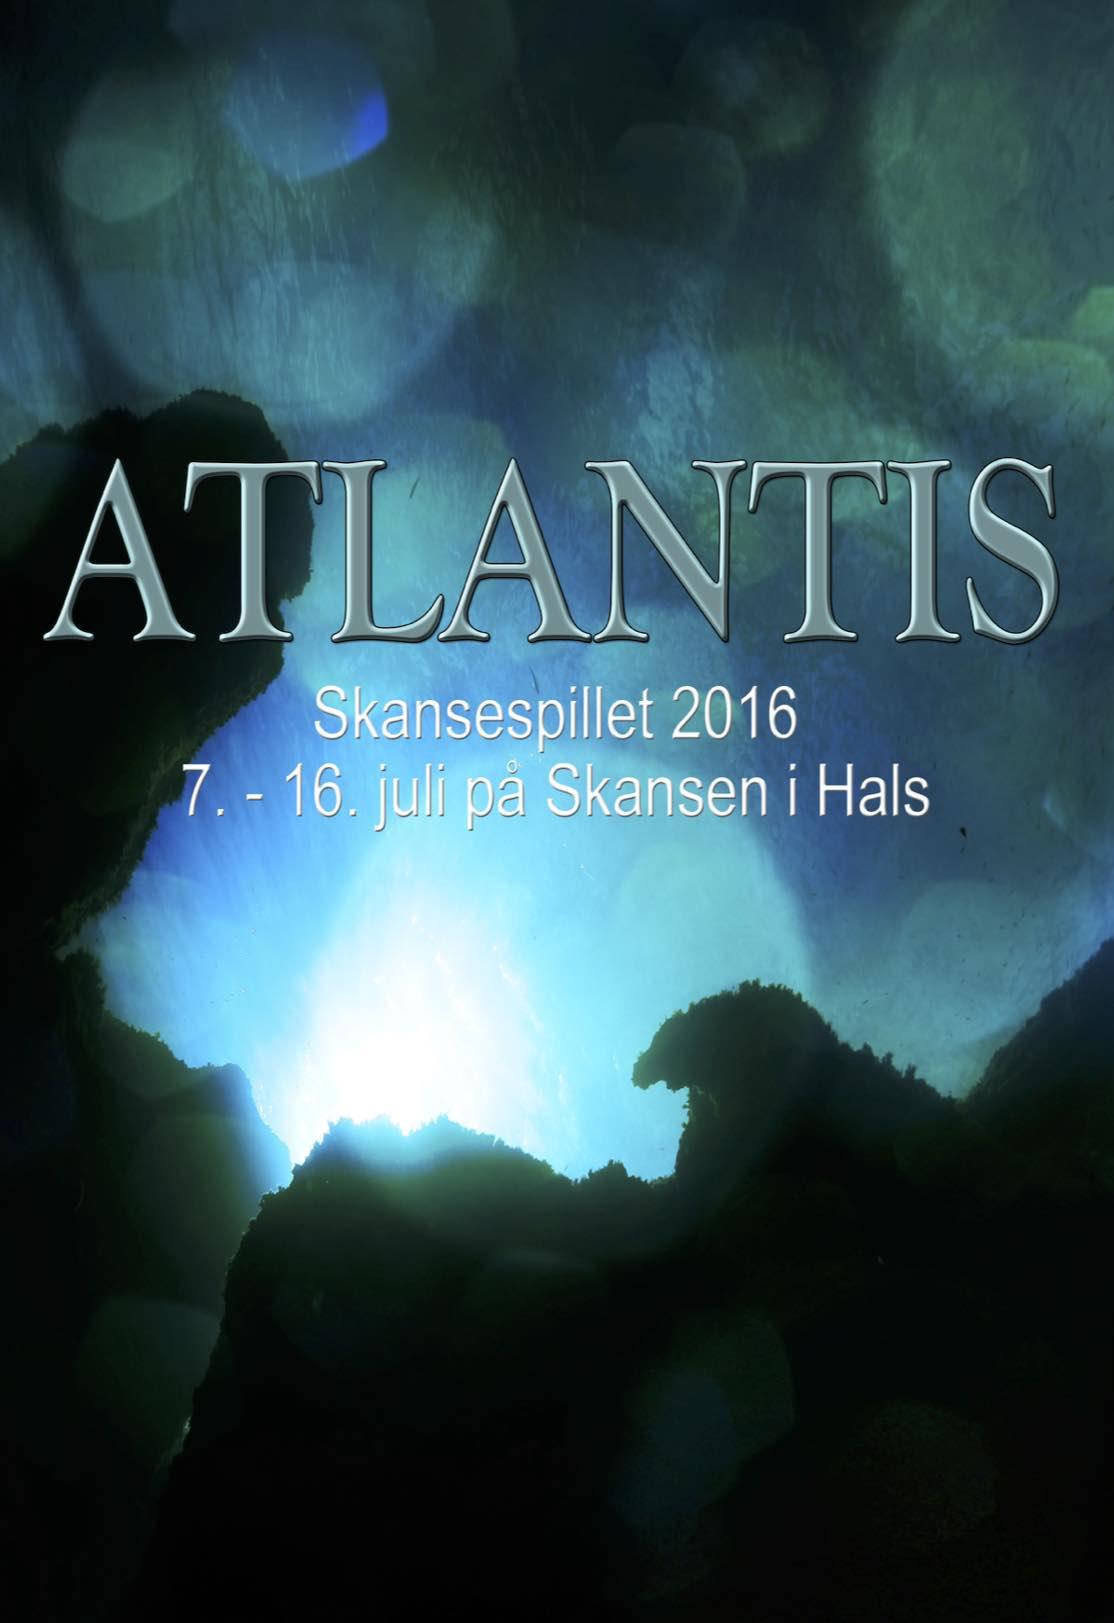 Skansespillet 2016 Atlantis